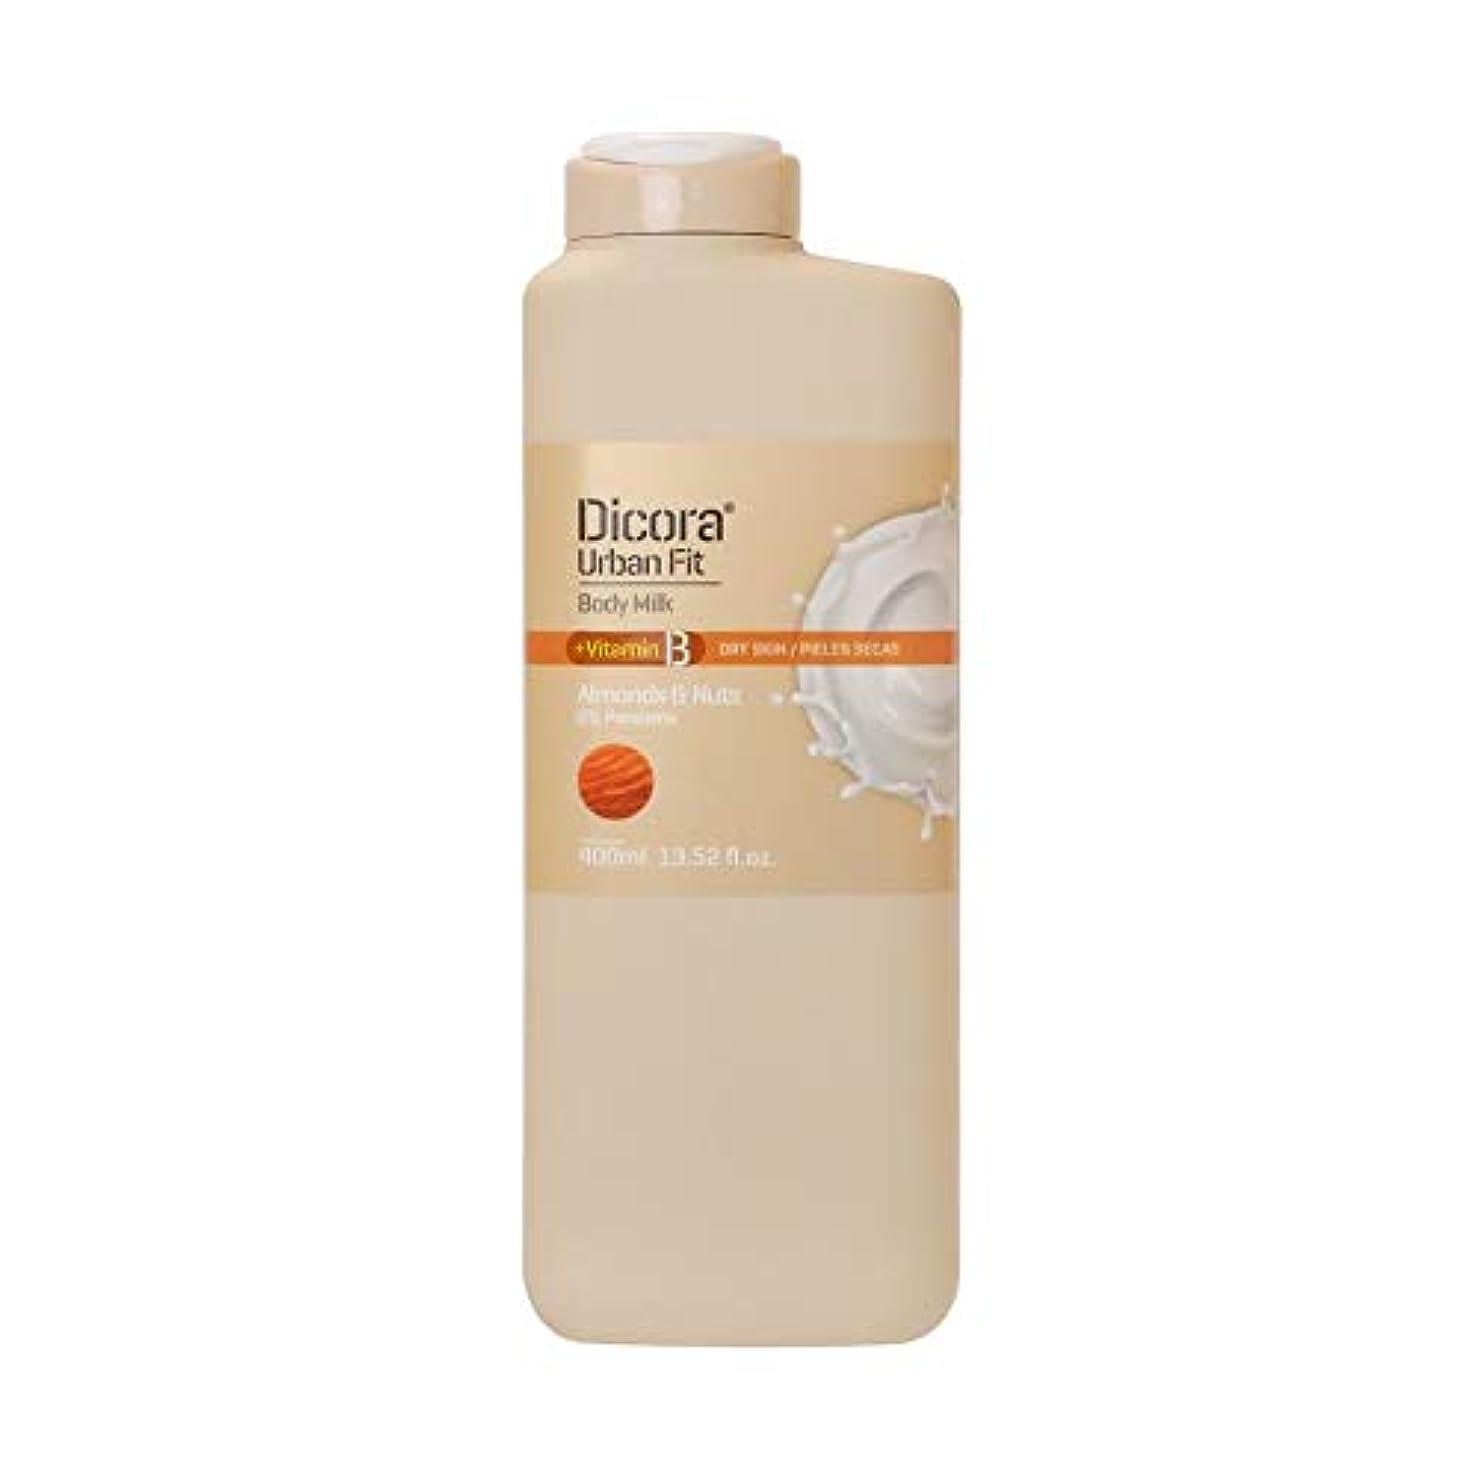 三ペグ持続するDicora(ディコラ) ディコラ アーバンフィット シャワージェル MK&ML 400ml ボディクリーム アーモンド & ナッツの香り